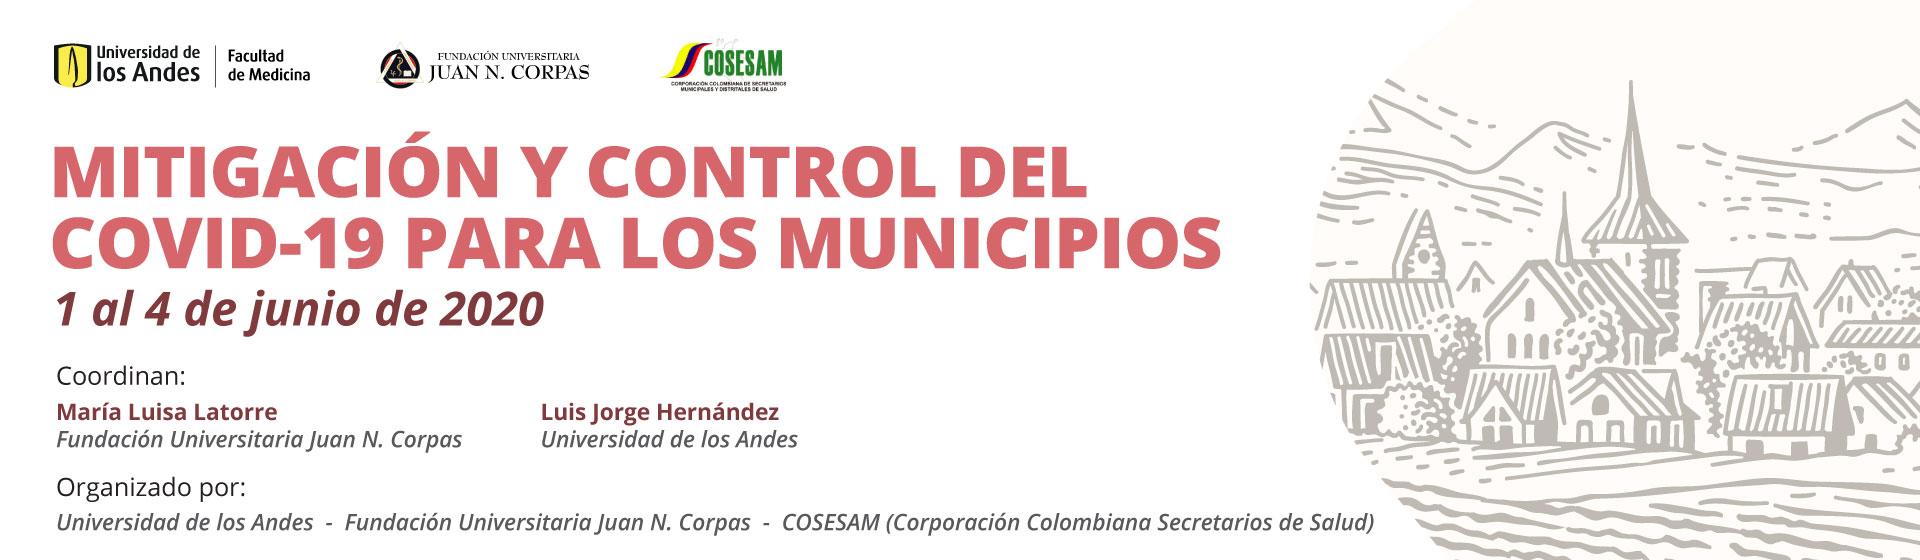 Mitigación y Control del COVID-19 para los municipios